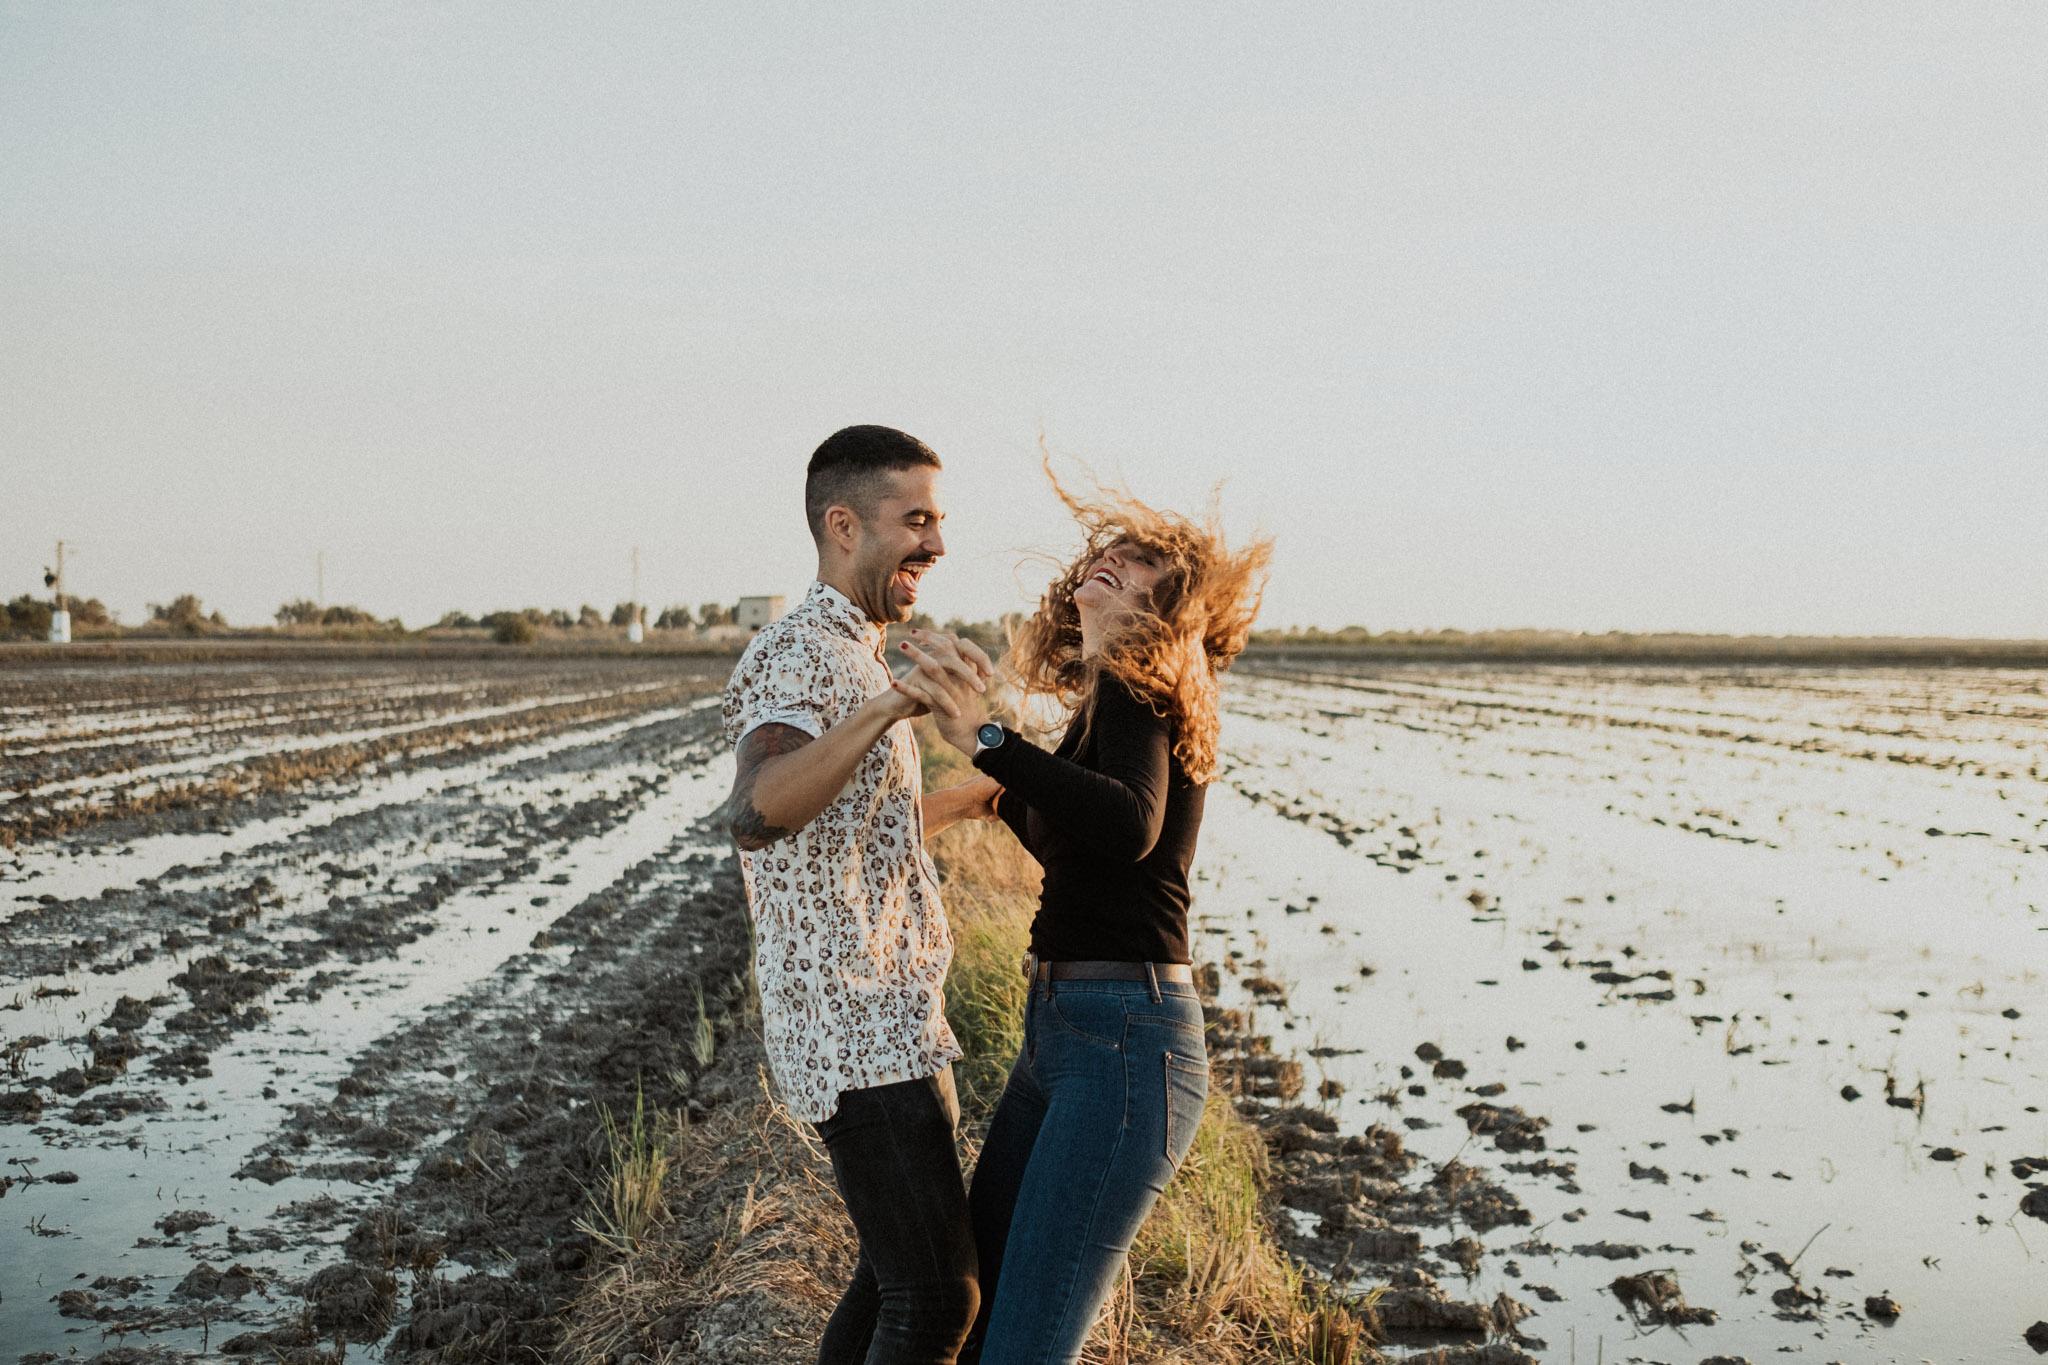 Diego&Lola_DFW_Wedding_Photography_26.jpg